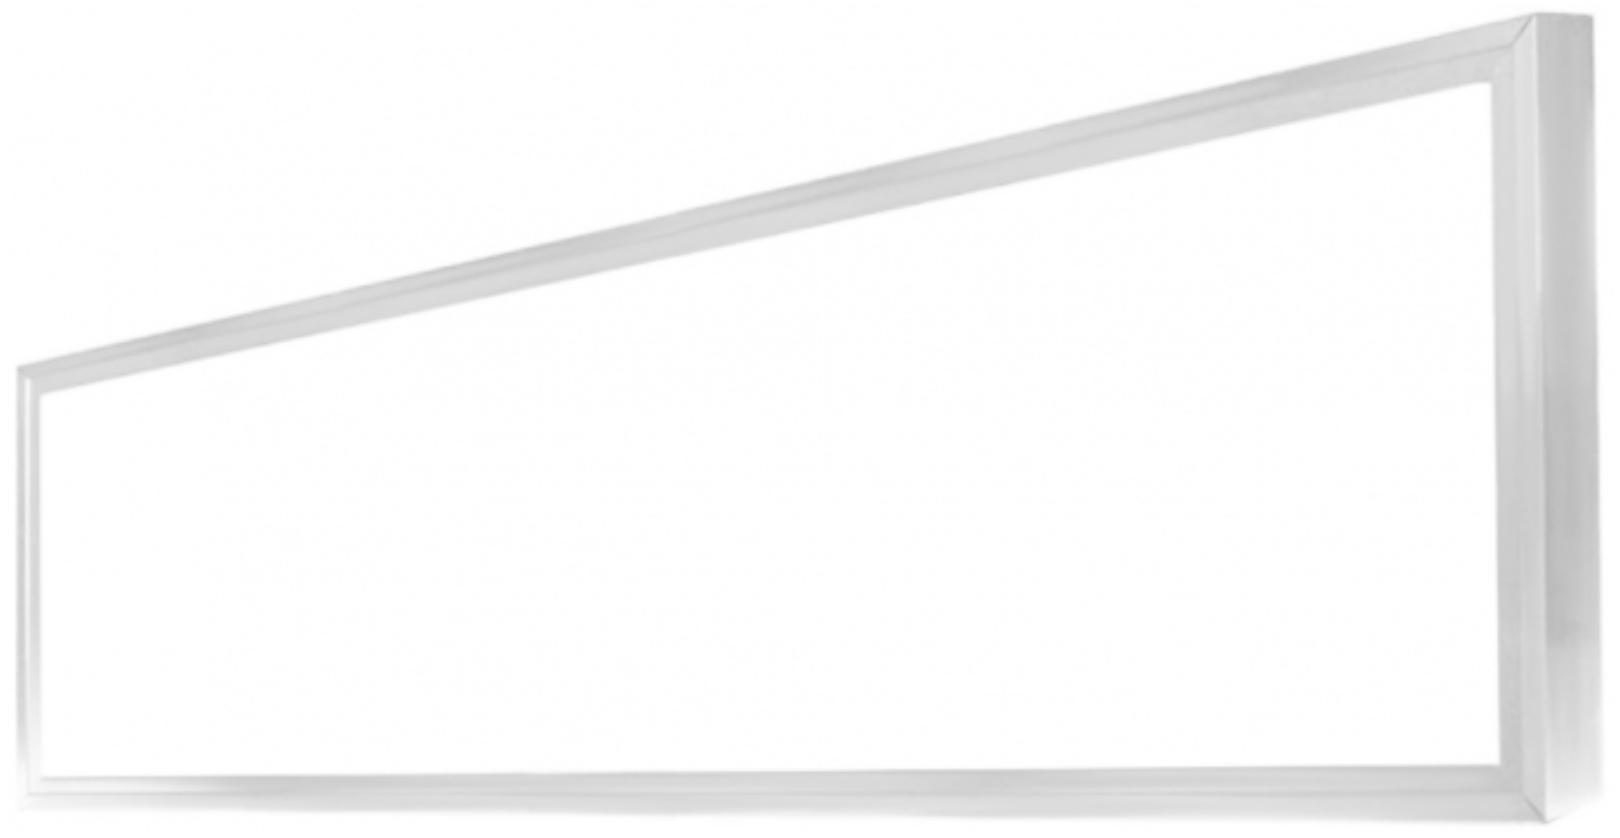 Dimmbarer weisser LED Panel mit Rahmen 300 x 1200mm 48W Kaltweiß